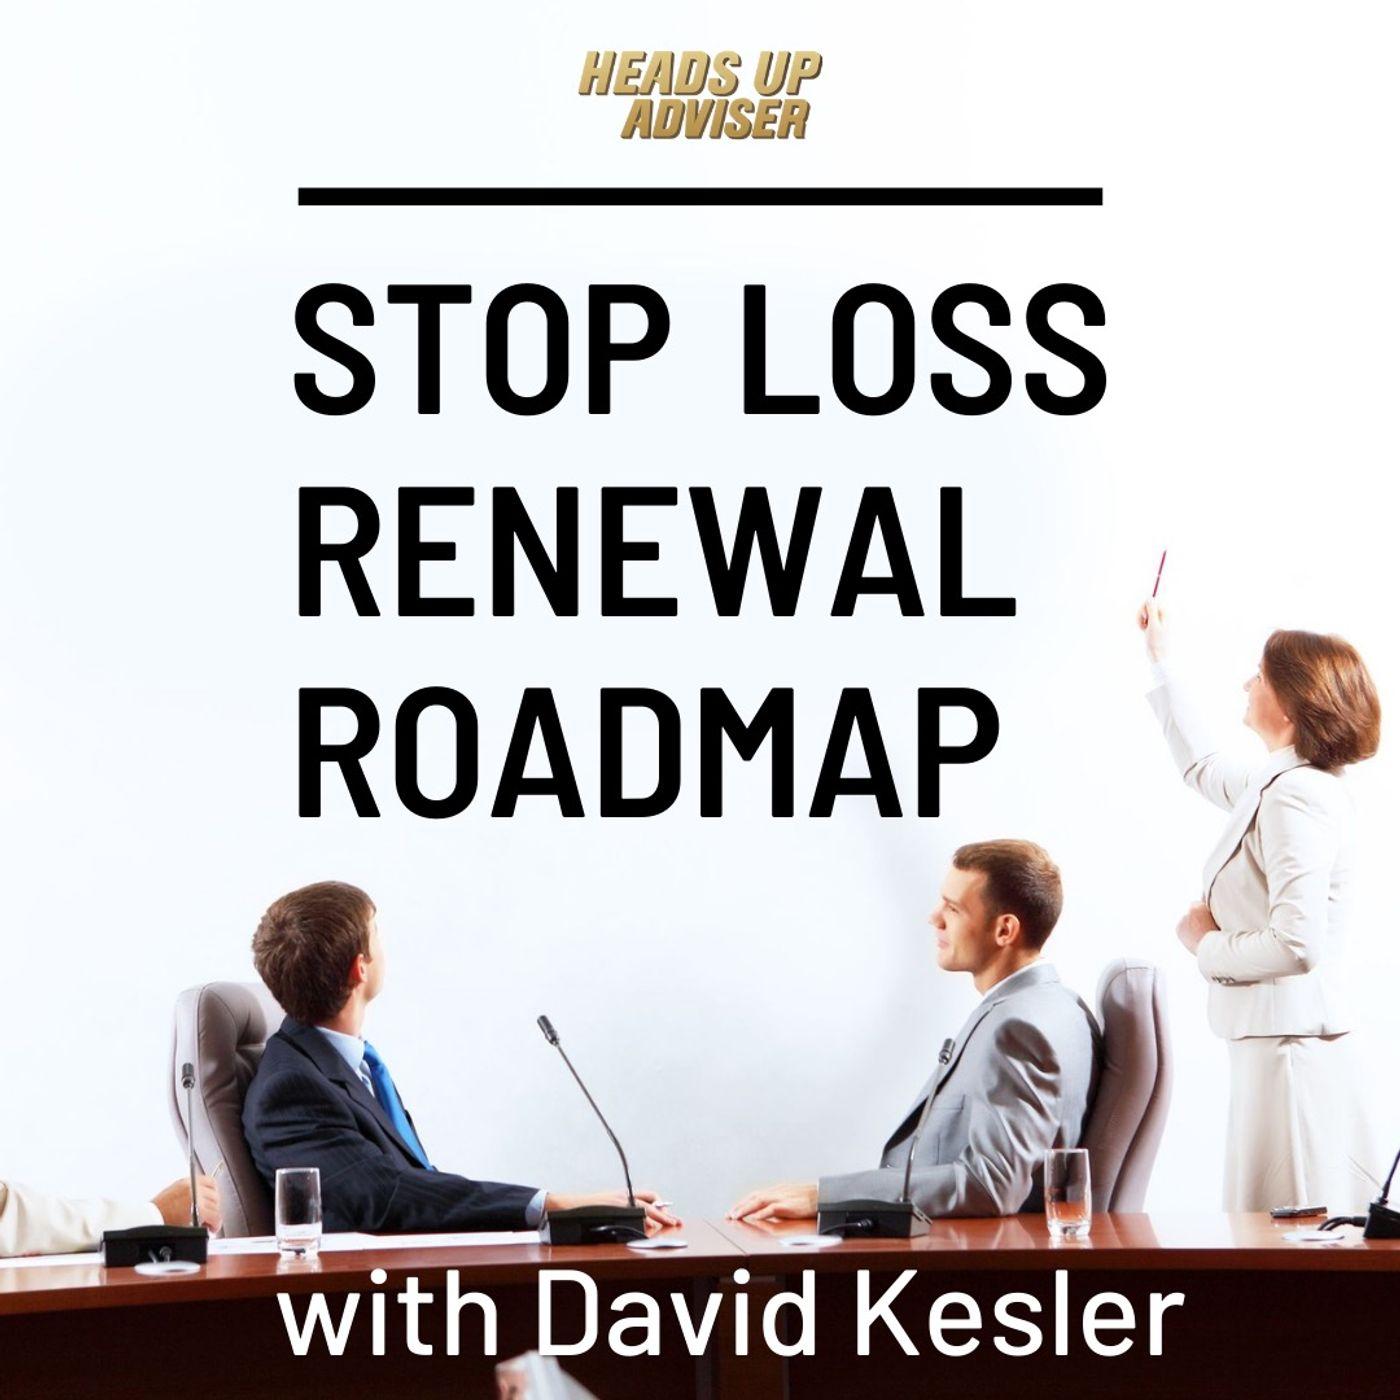 Stop Loss Renewal Roadmap